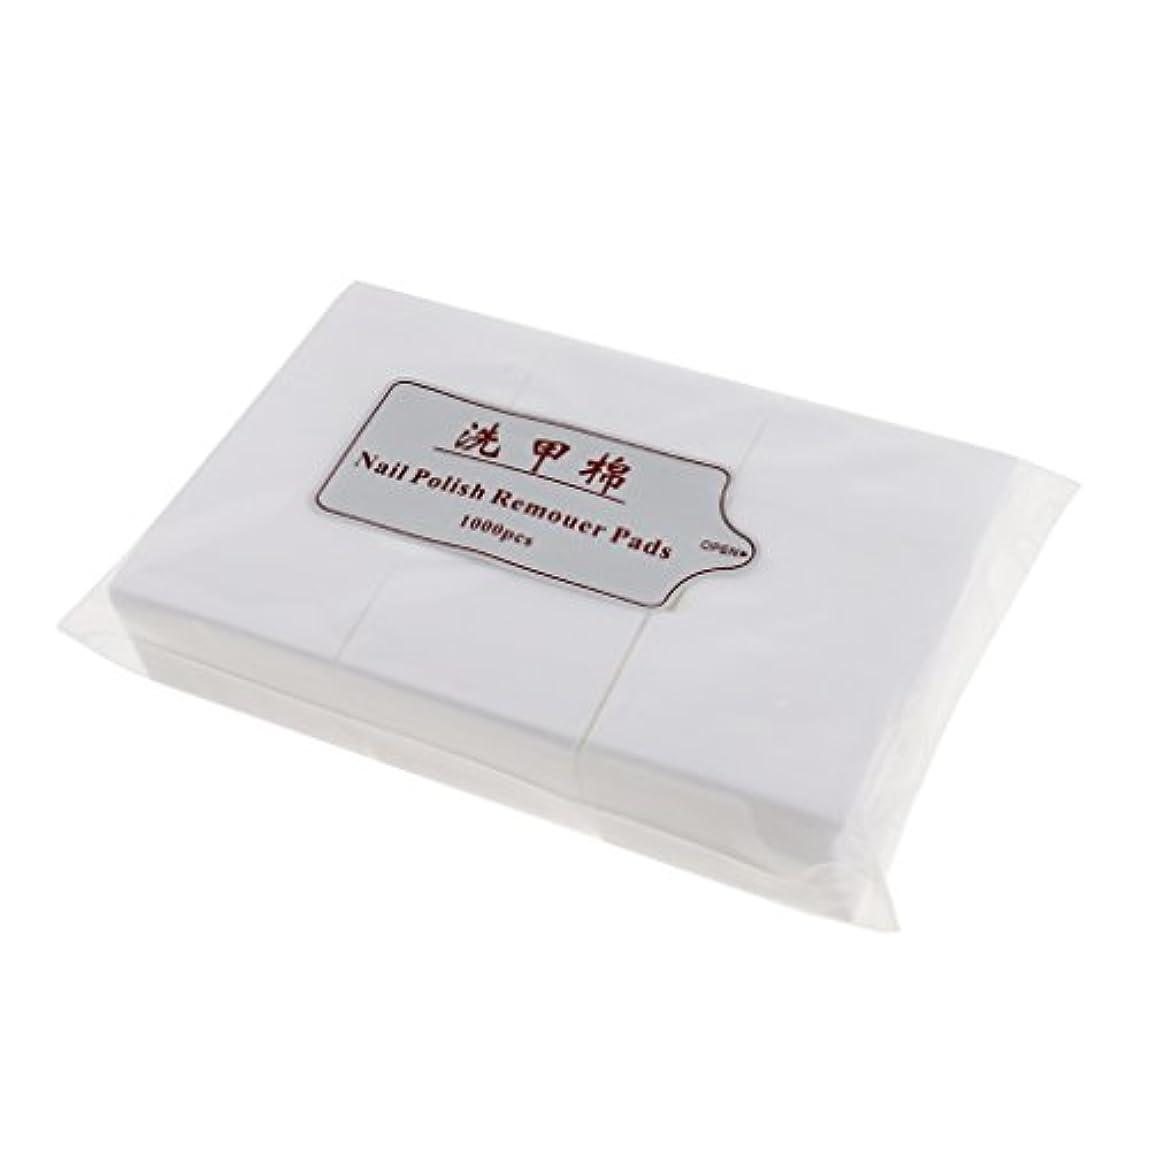 教義襲撃入札約1000個 ネイルコットンパッド ネイルアートチップ パッド紙 マニキュア 吸水性 衛生的 ネイルサロン